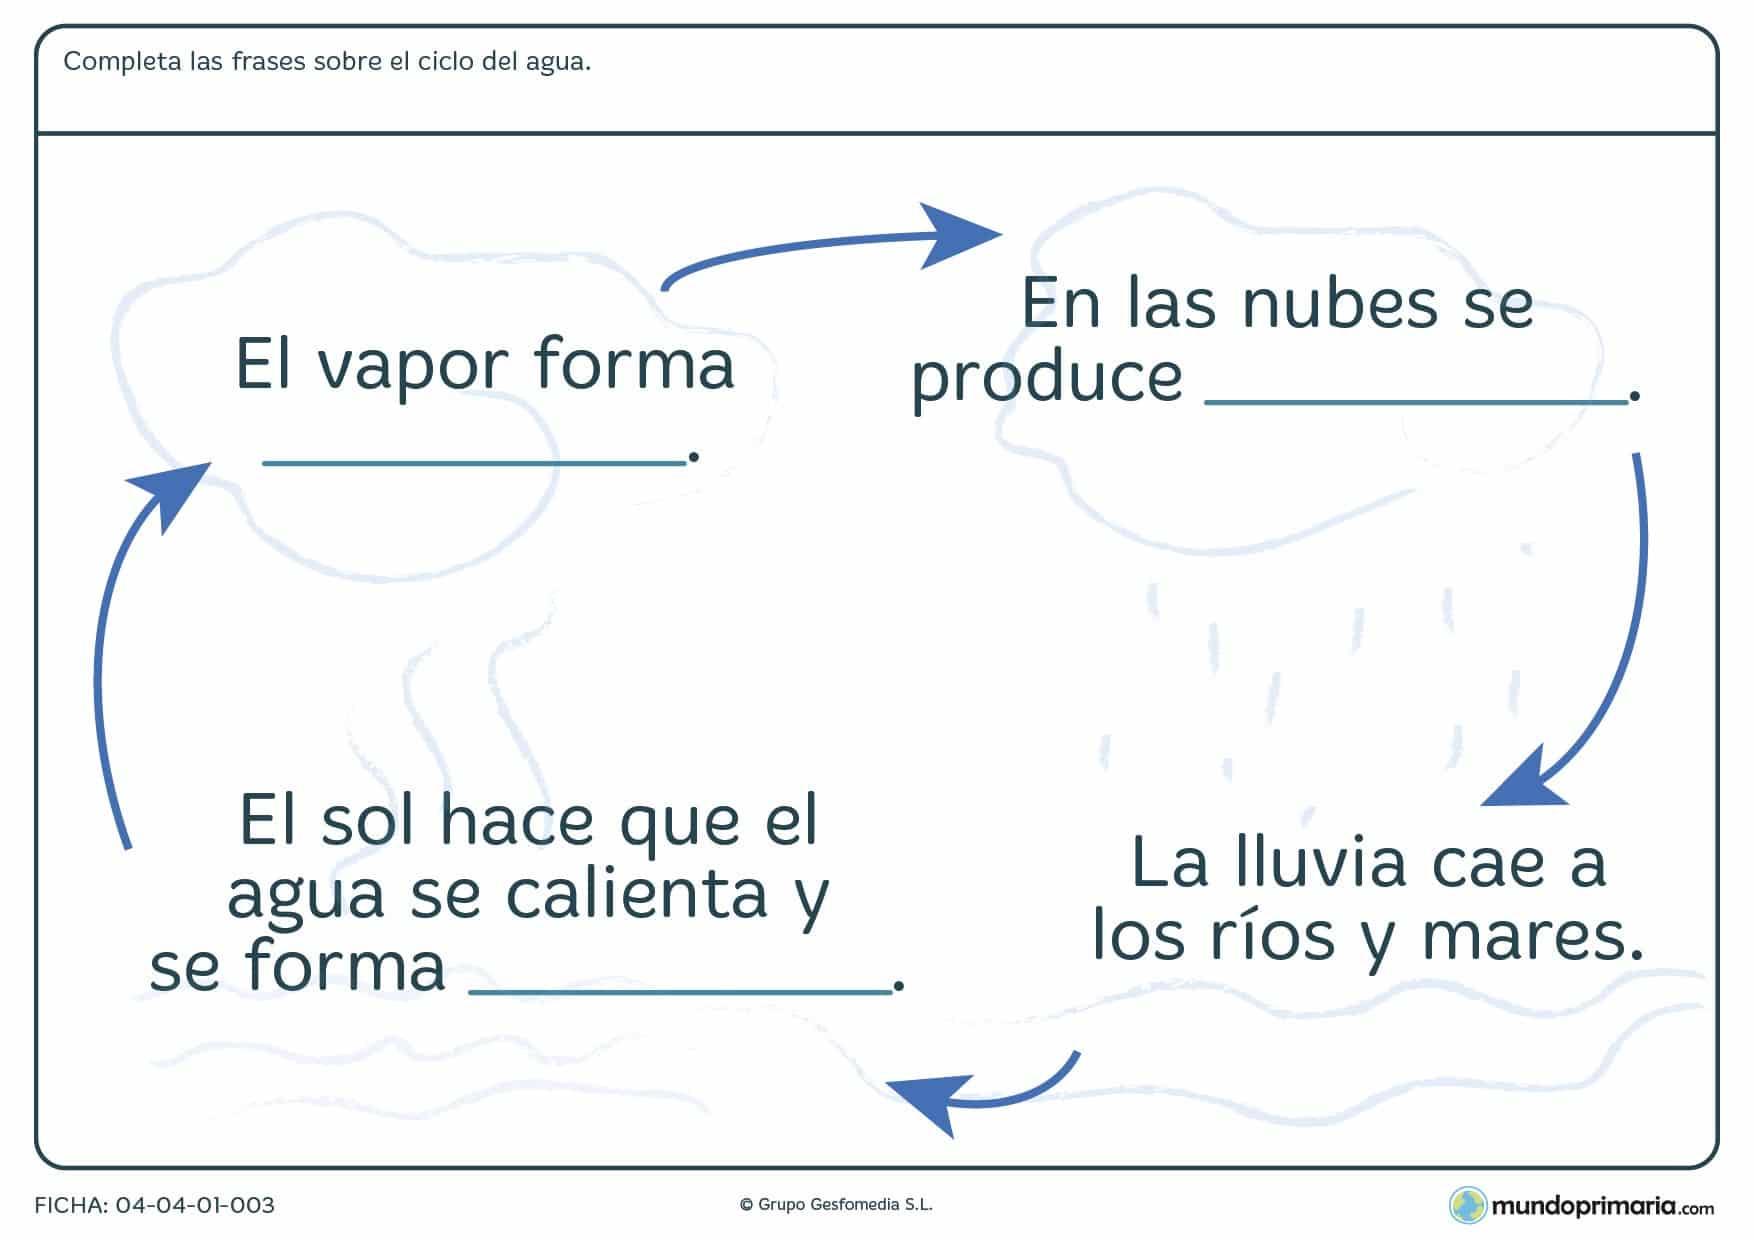 Ficha del ciclo del agua en la que hay que completar las frases con la palabra correspondiente a cada ciclo.